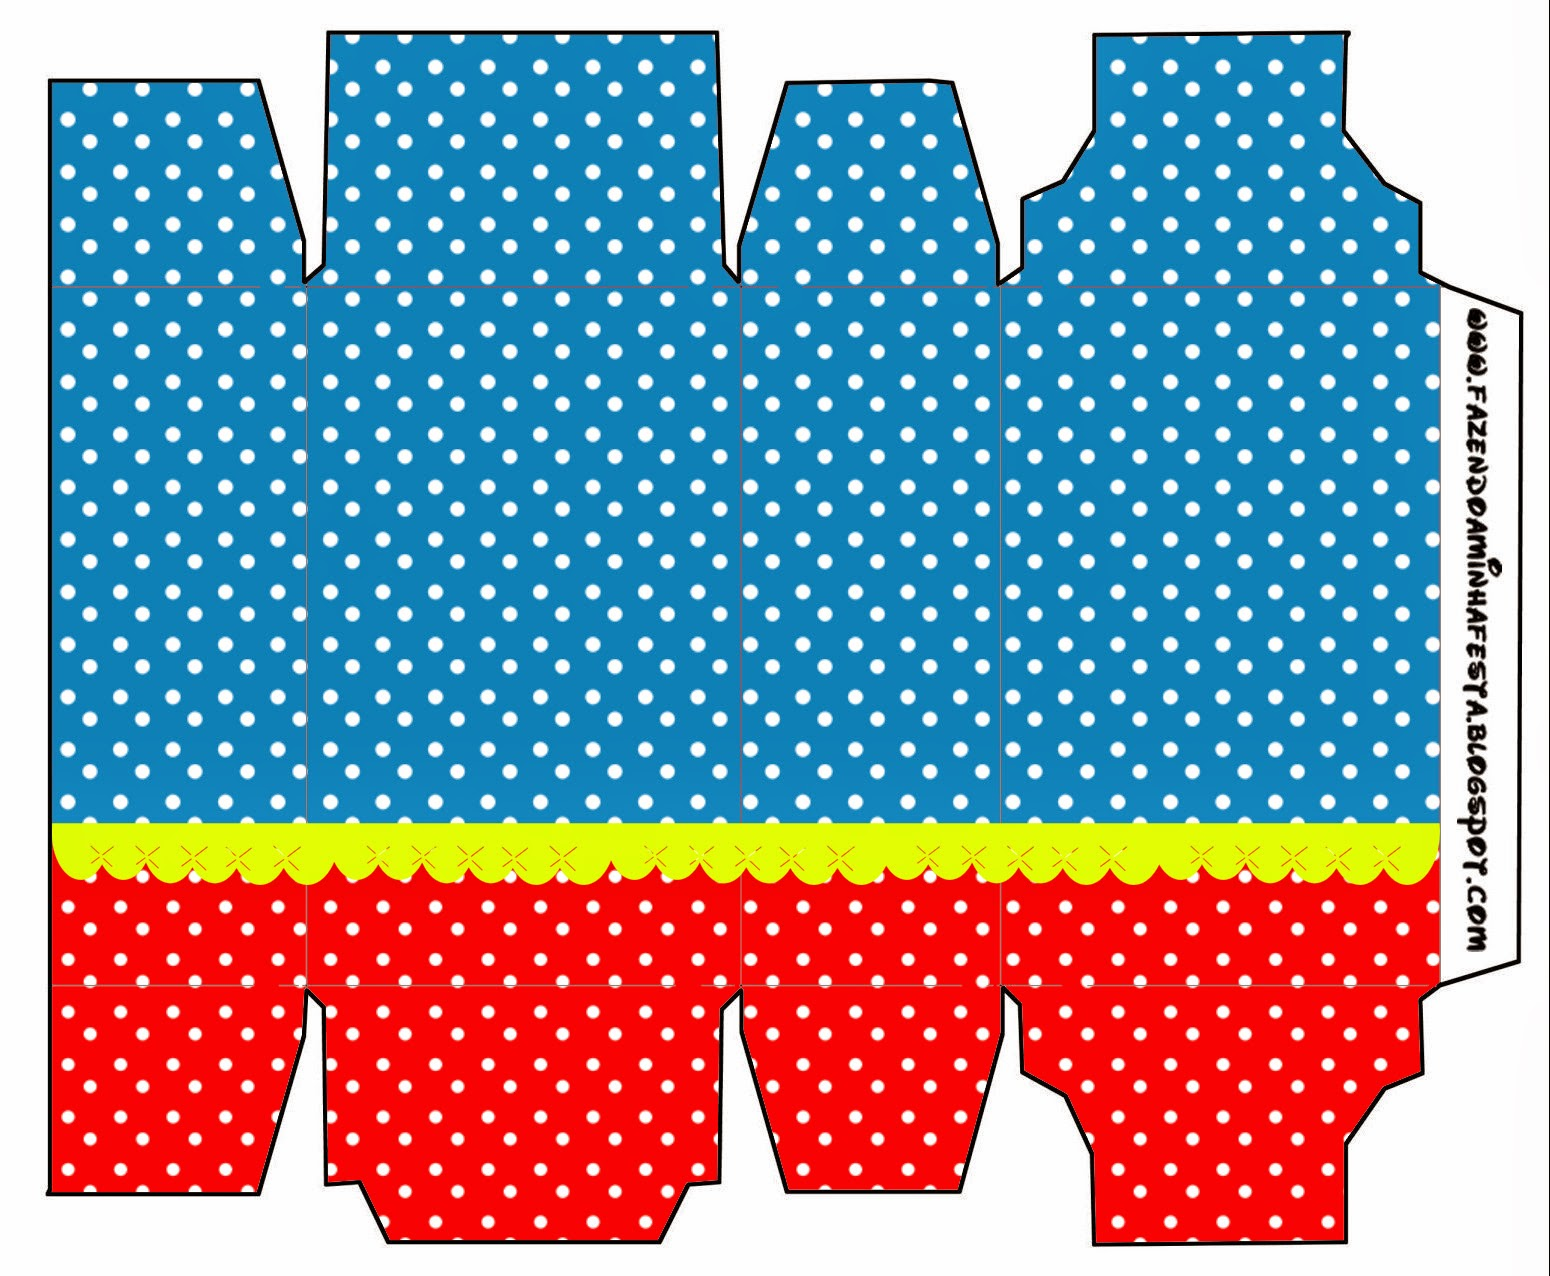 Cajas de Rojo, Amarillo y Azul para imprimir gratis.